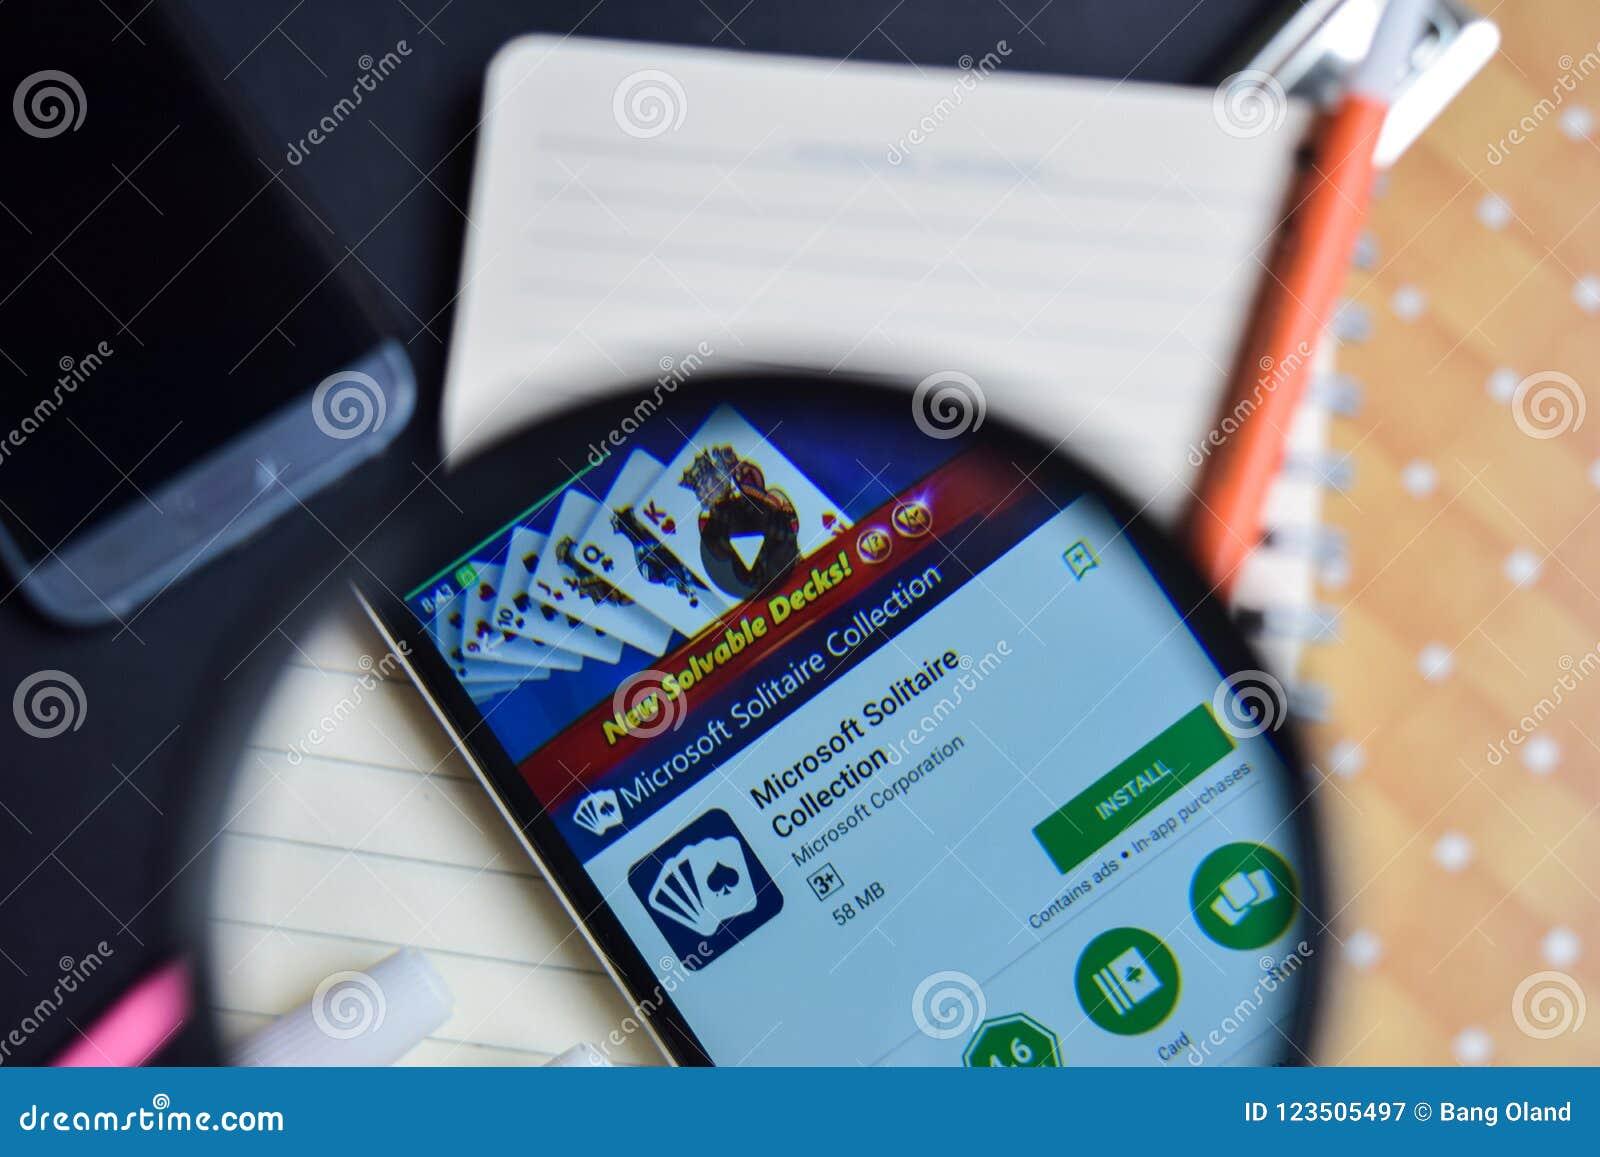 Coleção App do solitário de Microsoft com ampliação na tela de Smartphone